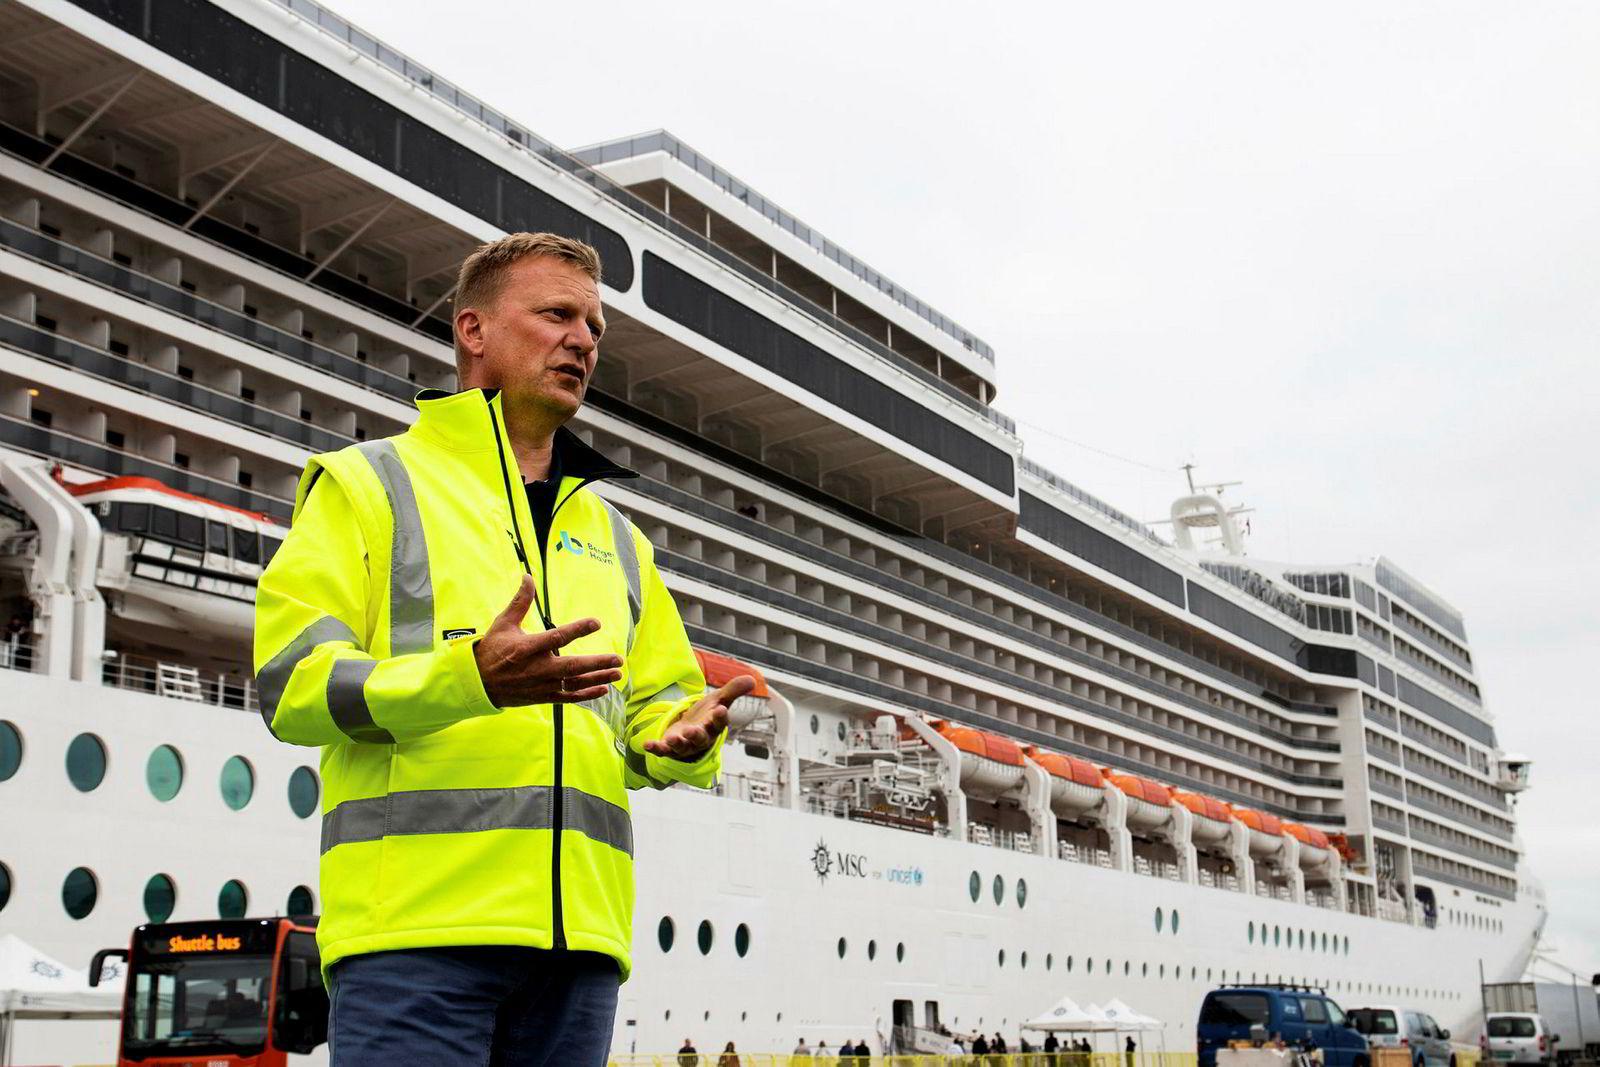 Havnedirektør Johnny Breivik er skuffet over å få avslag på søknad om støtte til å investere i landstrømanlegg til cruiseskip. Både utslipp og støy fra cruisetrafikken er et stort problem i turistsesongen.